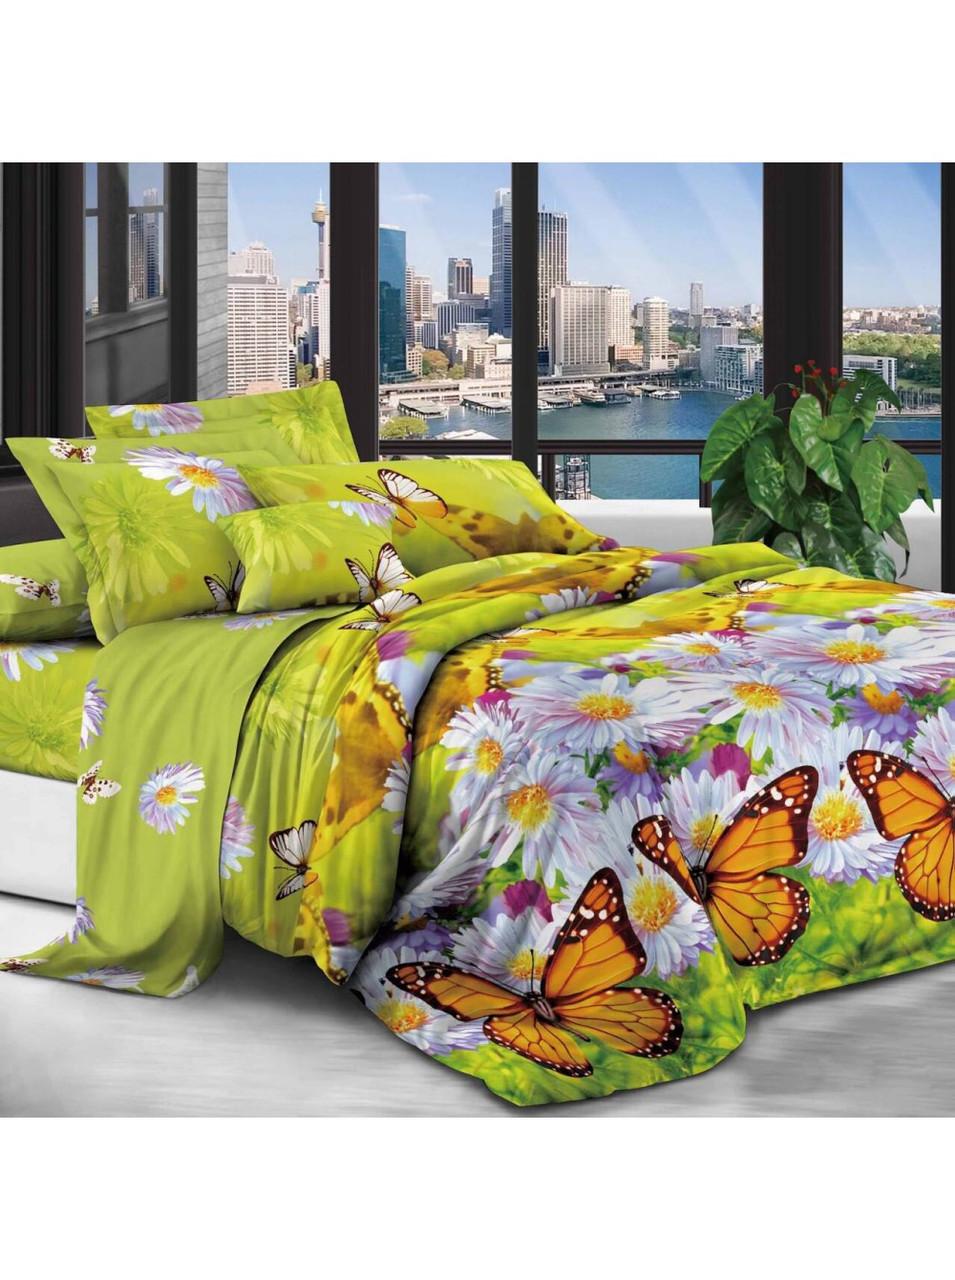 Комплект постельного белья полиэстер Ромашки и Бабочки